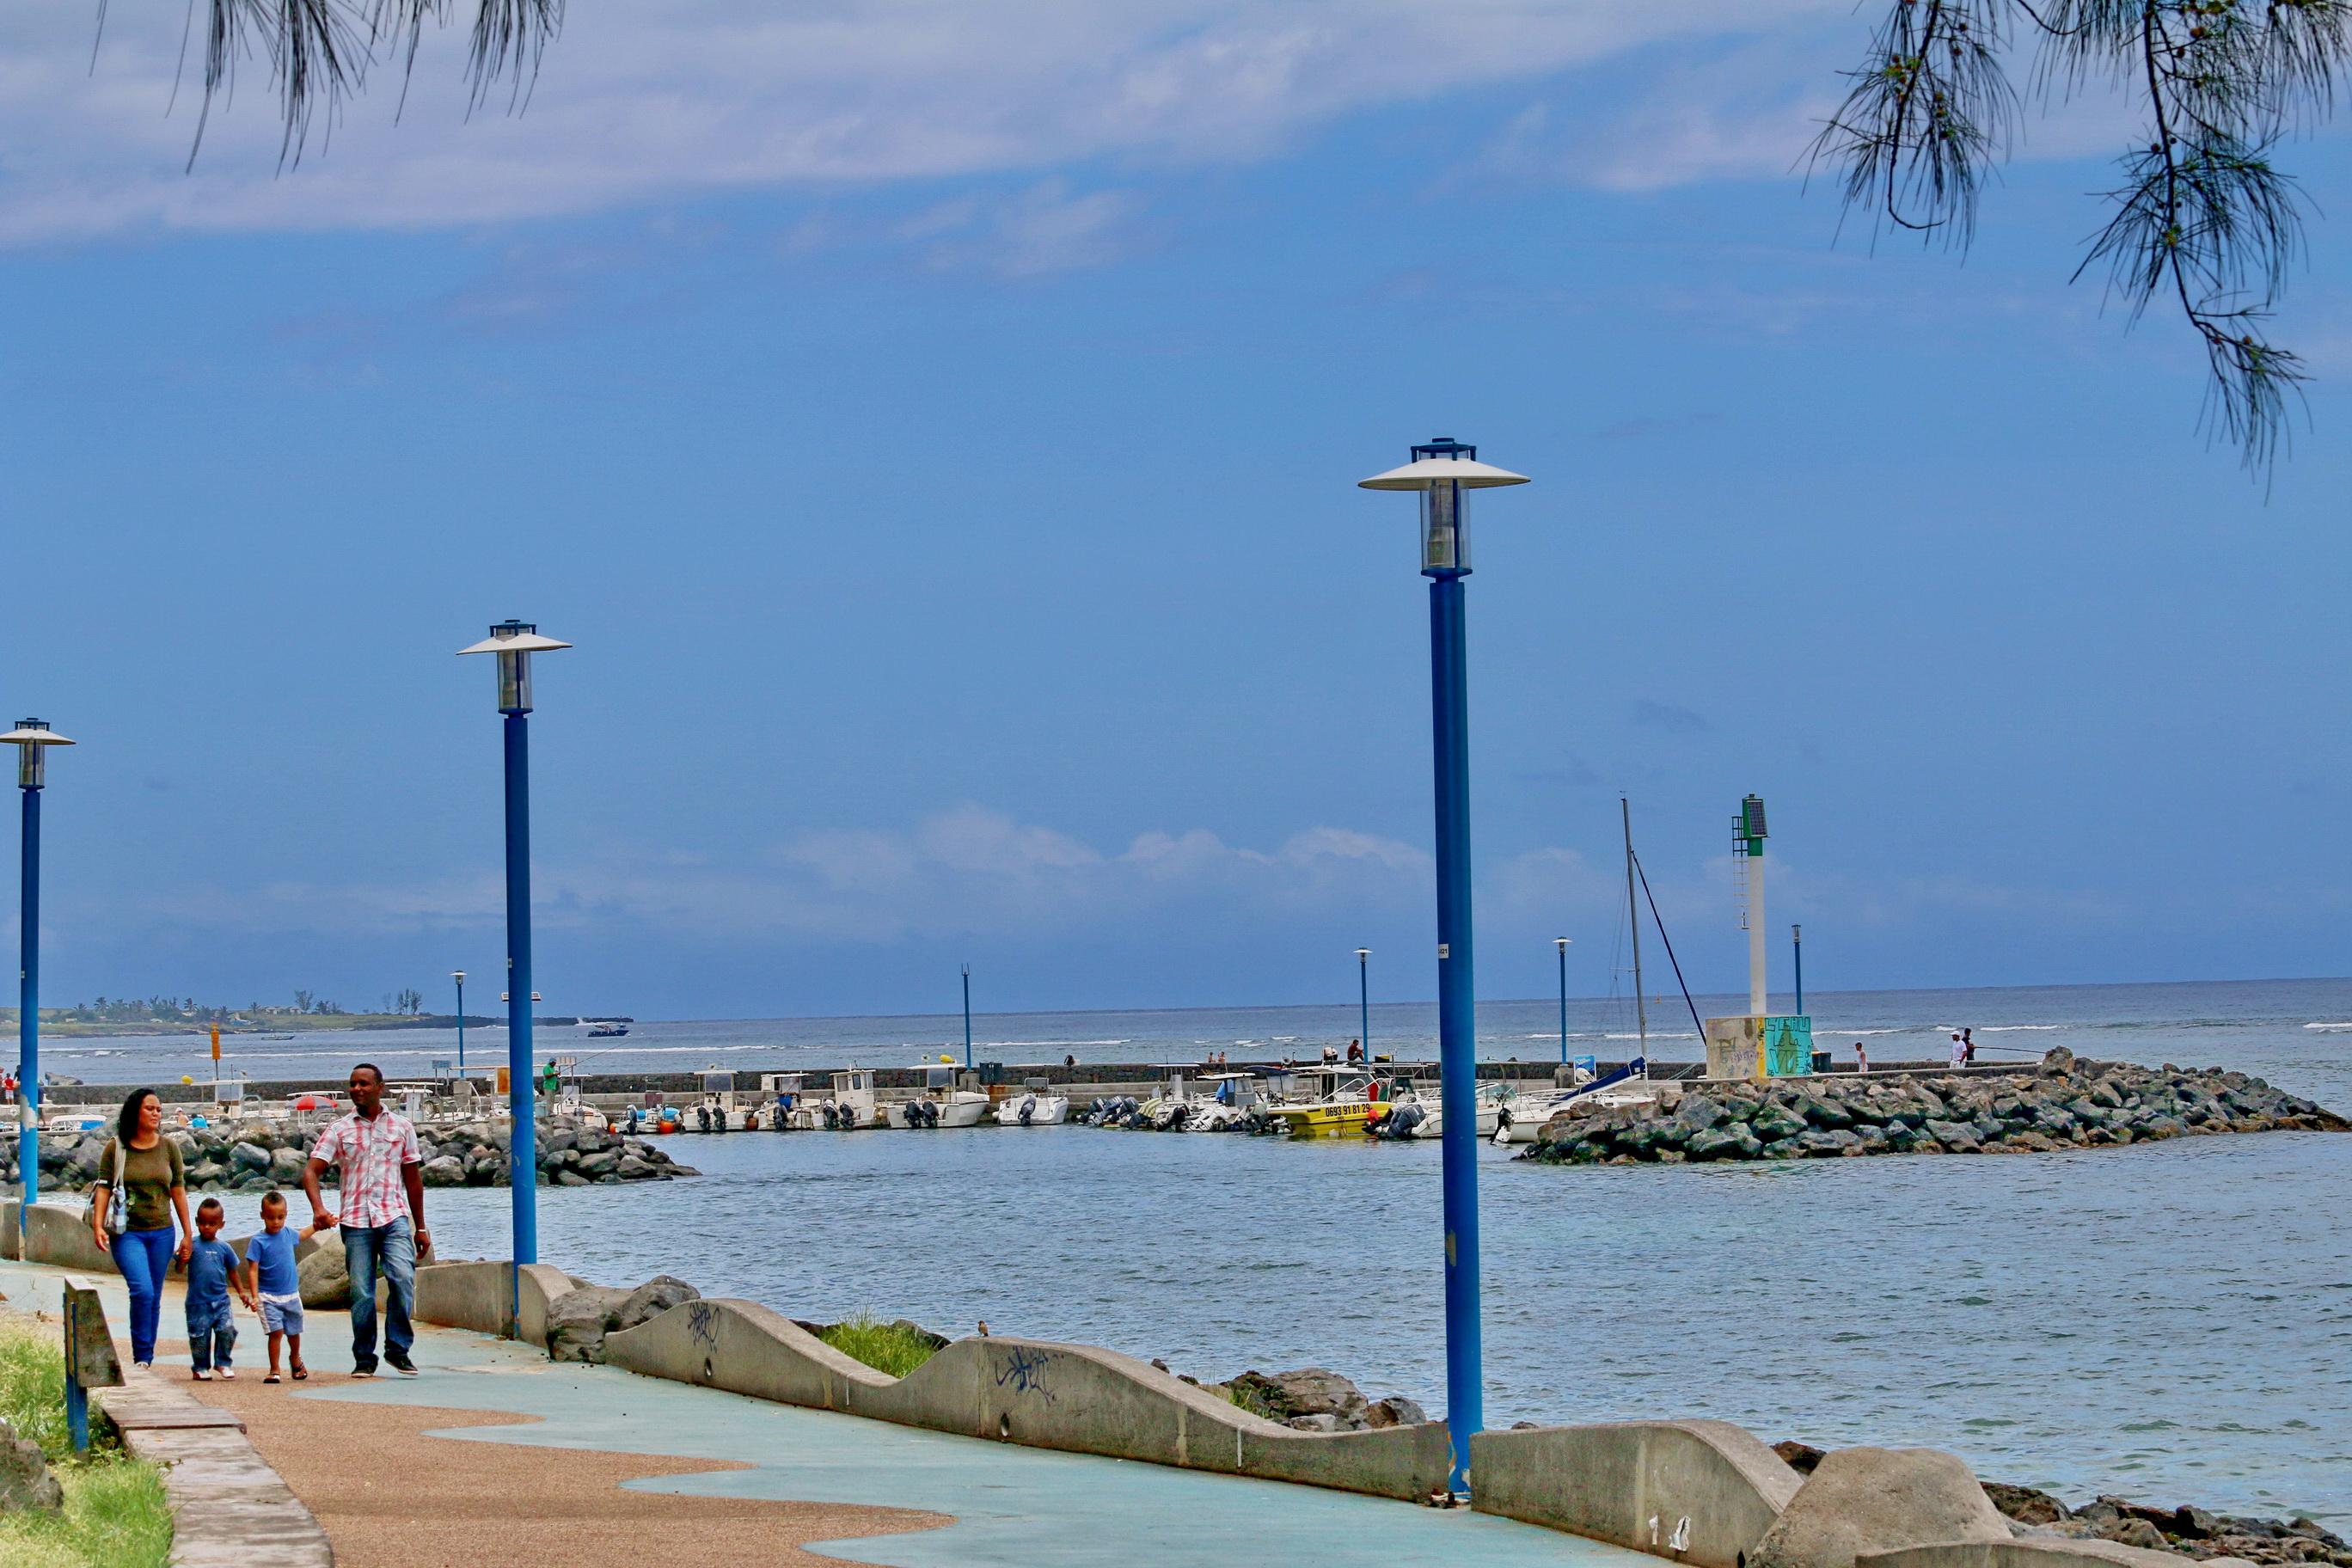 [Vie des ports] Les ports de la Réunion - Page 3 223474stpierrestleu70d010